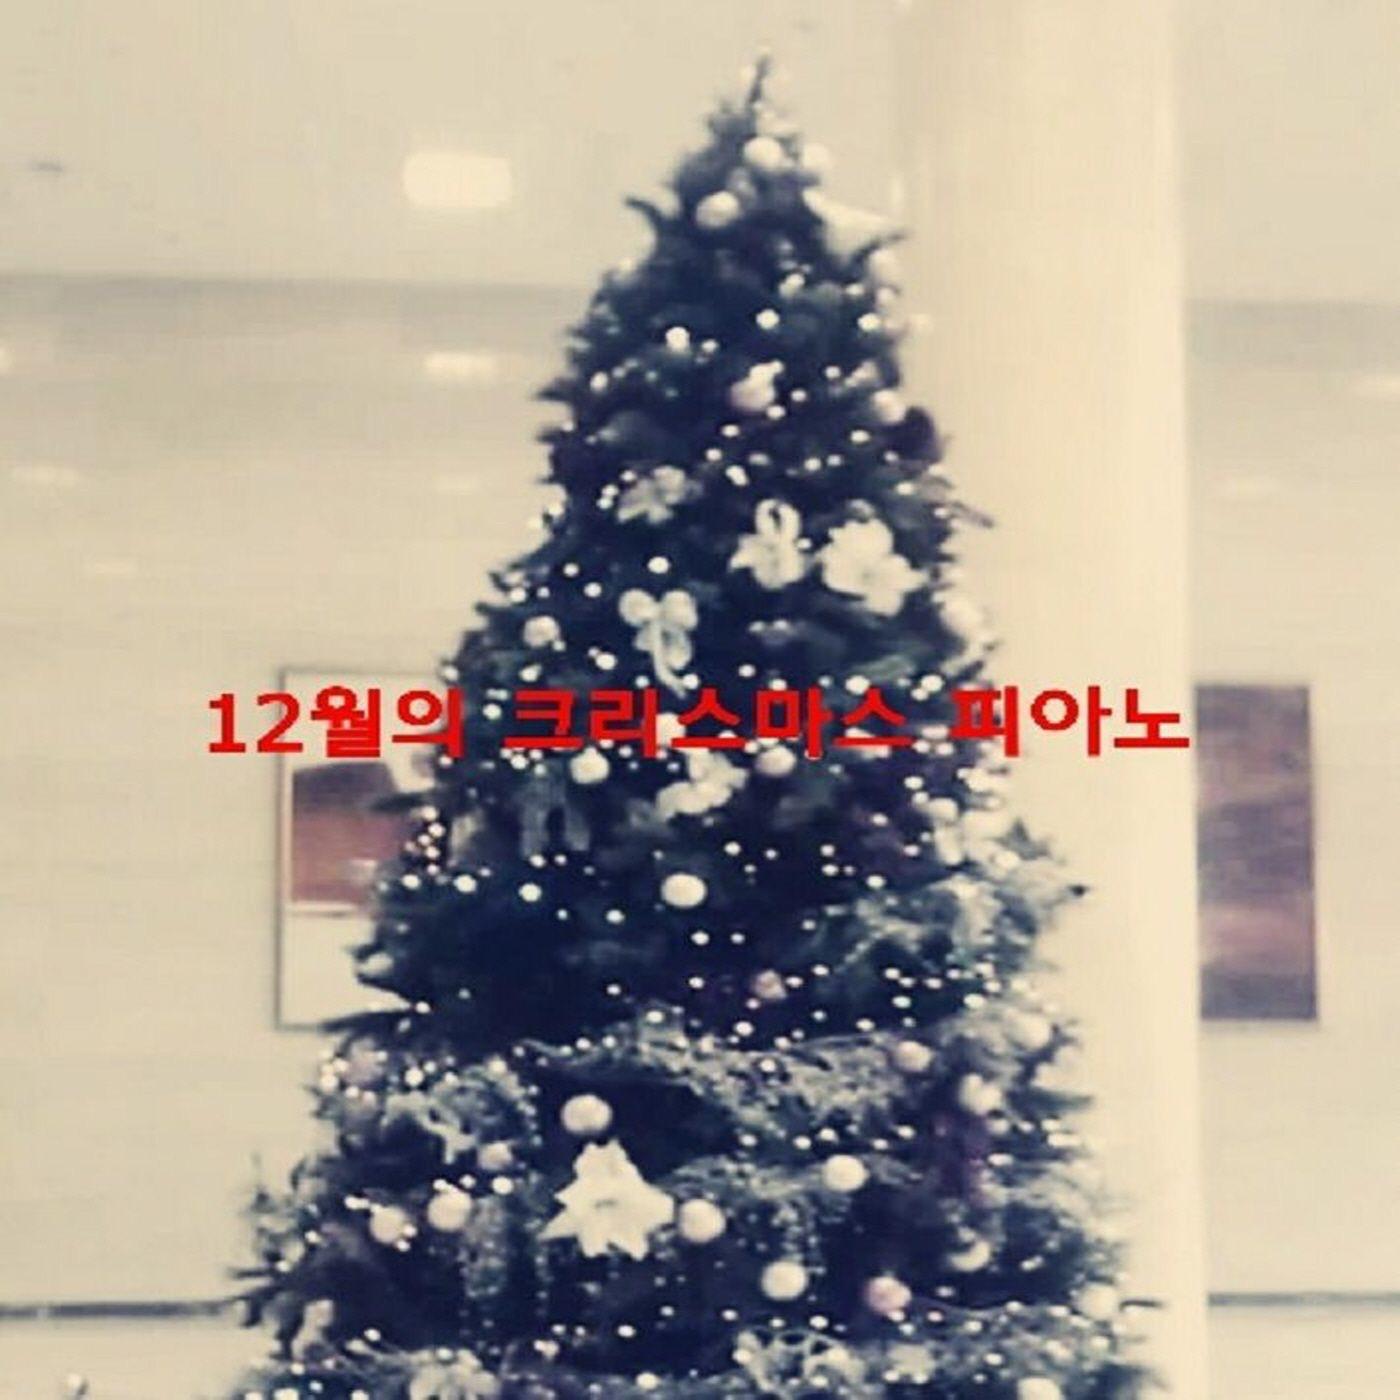 12월 크리스마스 - Single